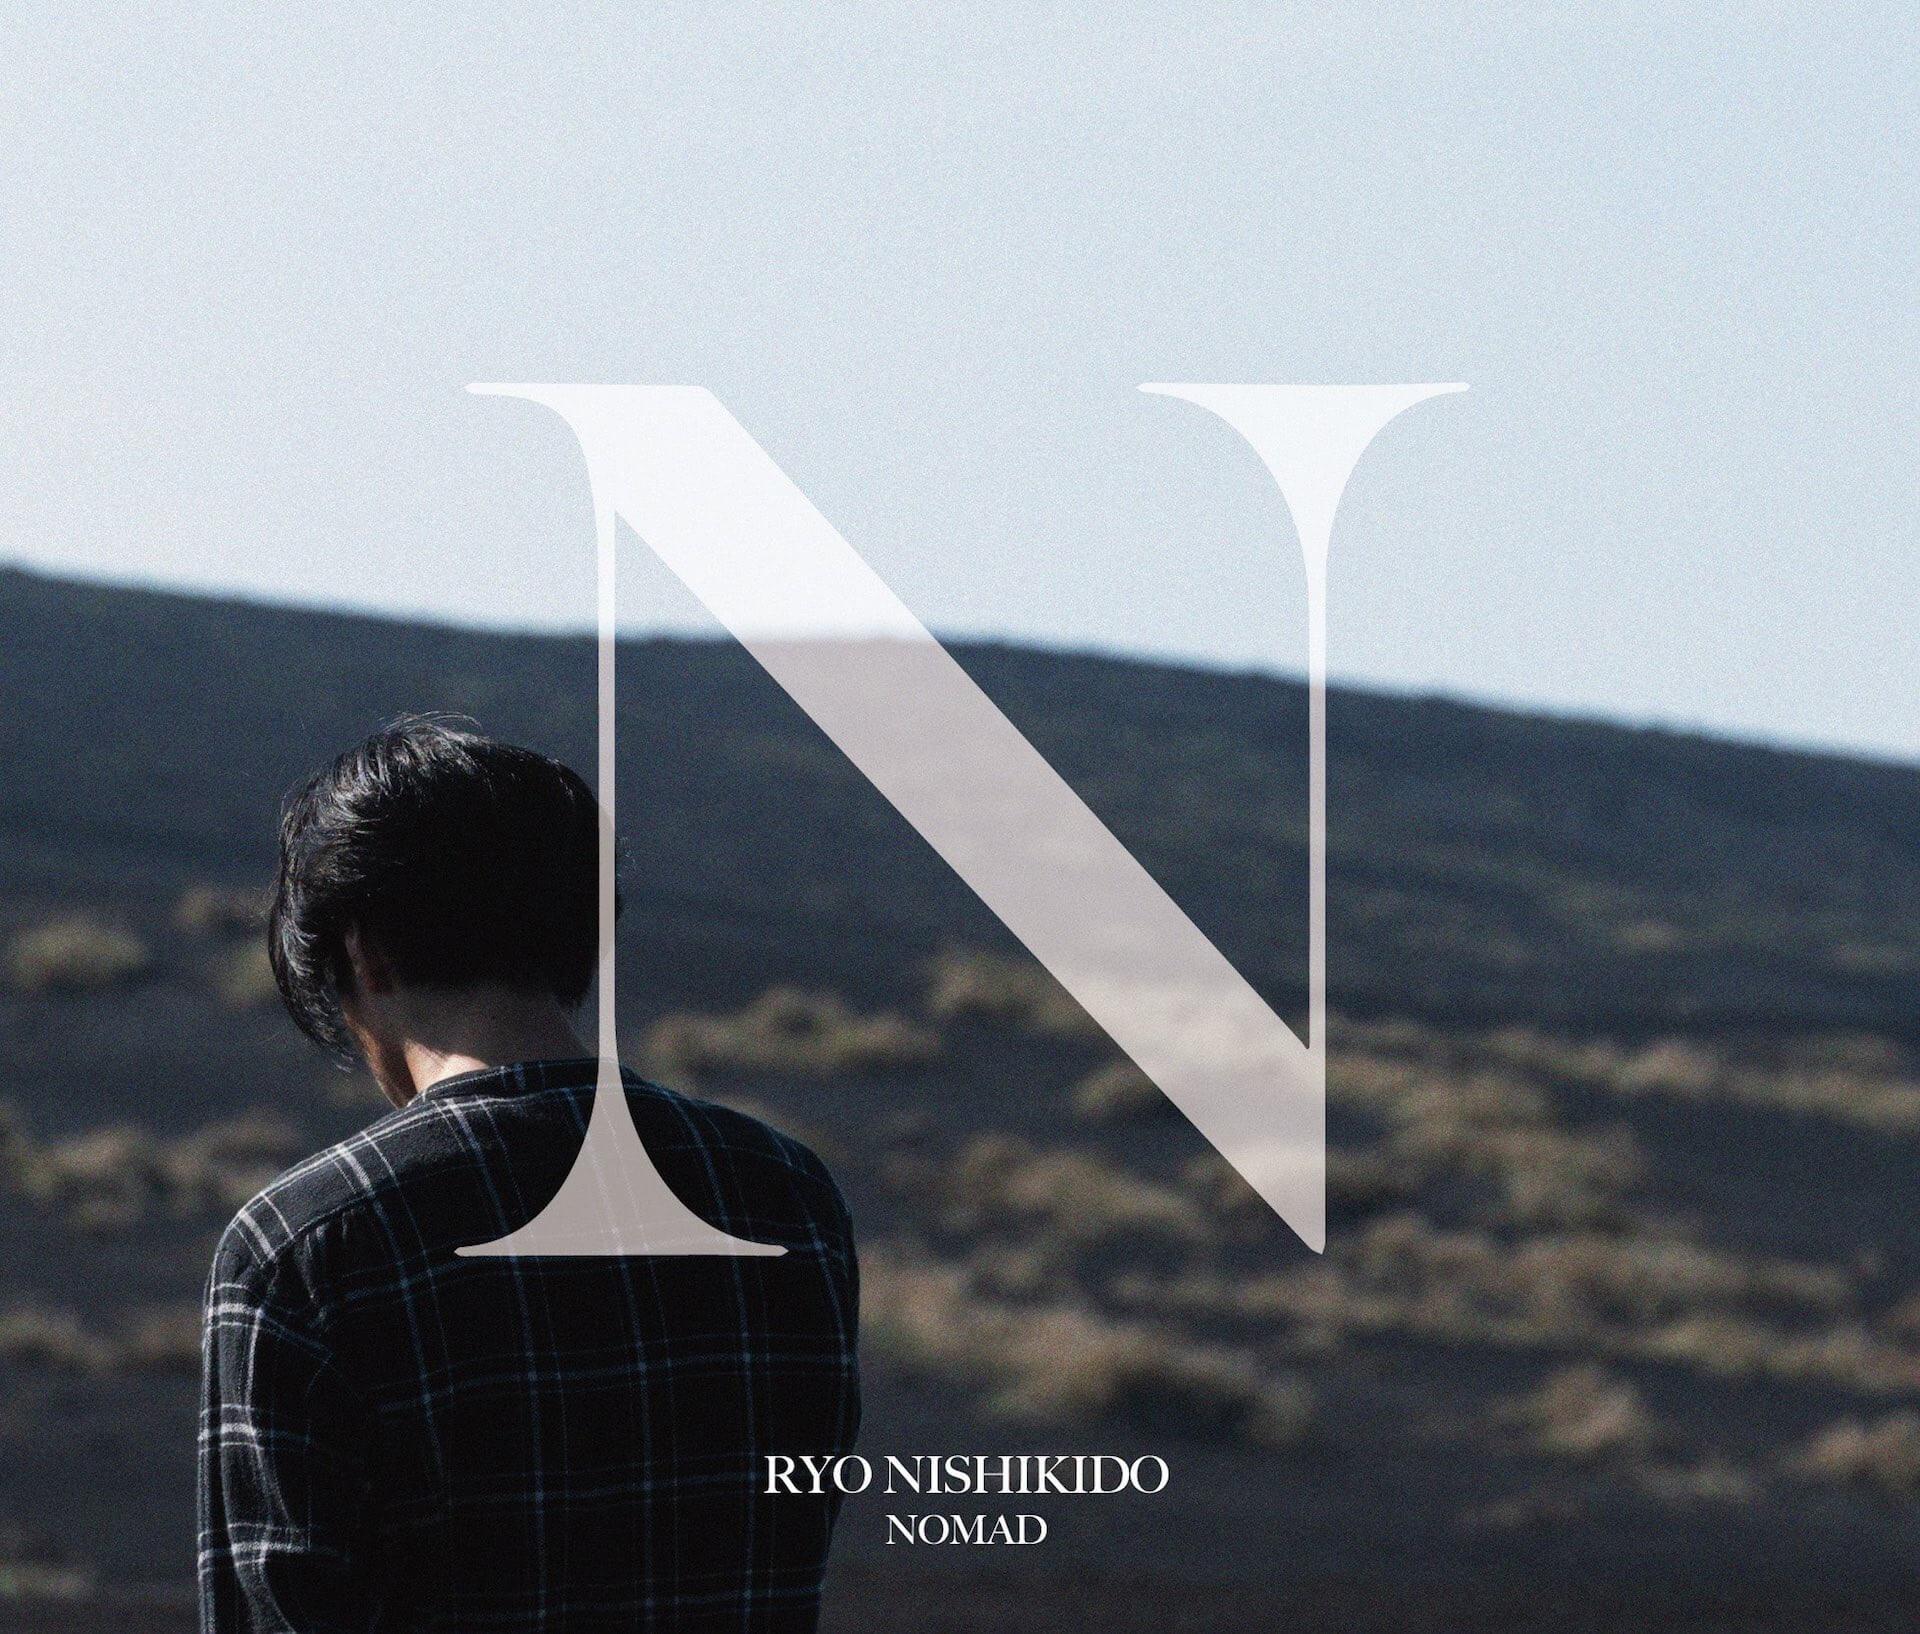 錦戸亮デビューアルバム『NOMAD』のジャケット写真&収録内容が明らかに!ボーナストラックにPotential music191107_nishikidoryo_nomad_2